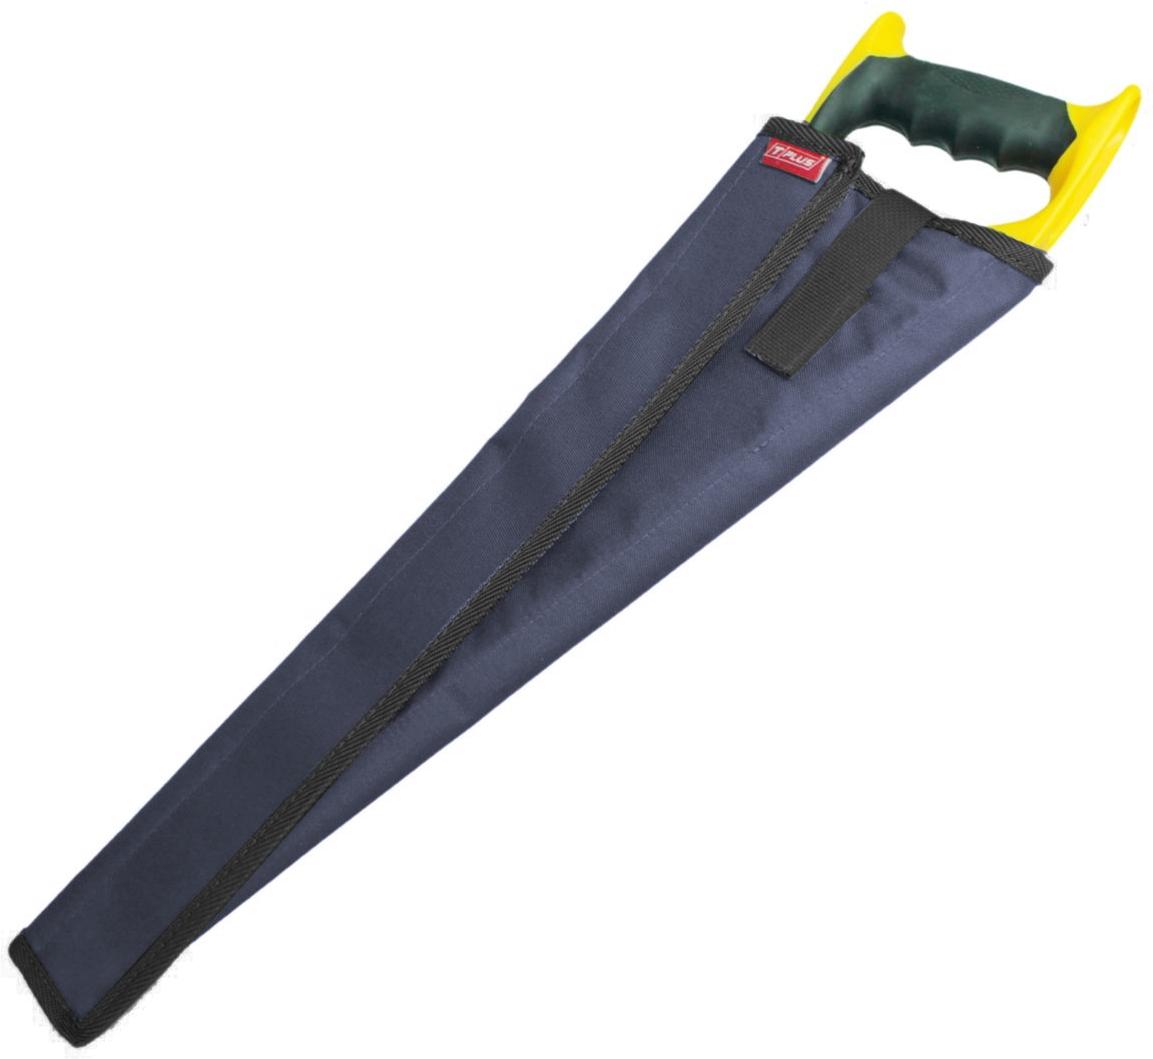 Чехол для ножовки Tplus, оксфорд 600, цвет: синий, 50 см